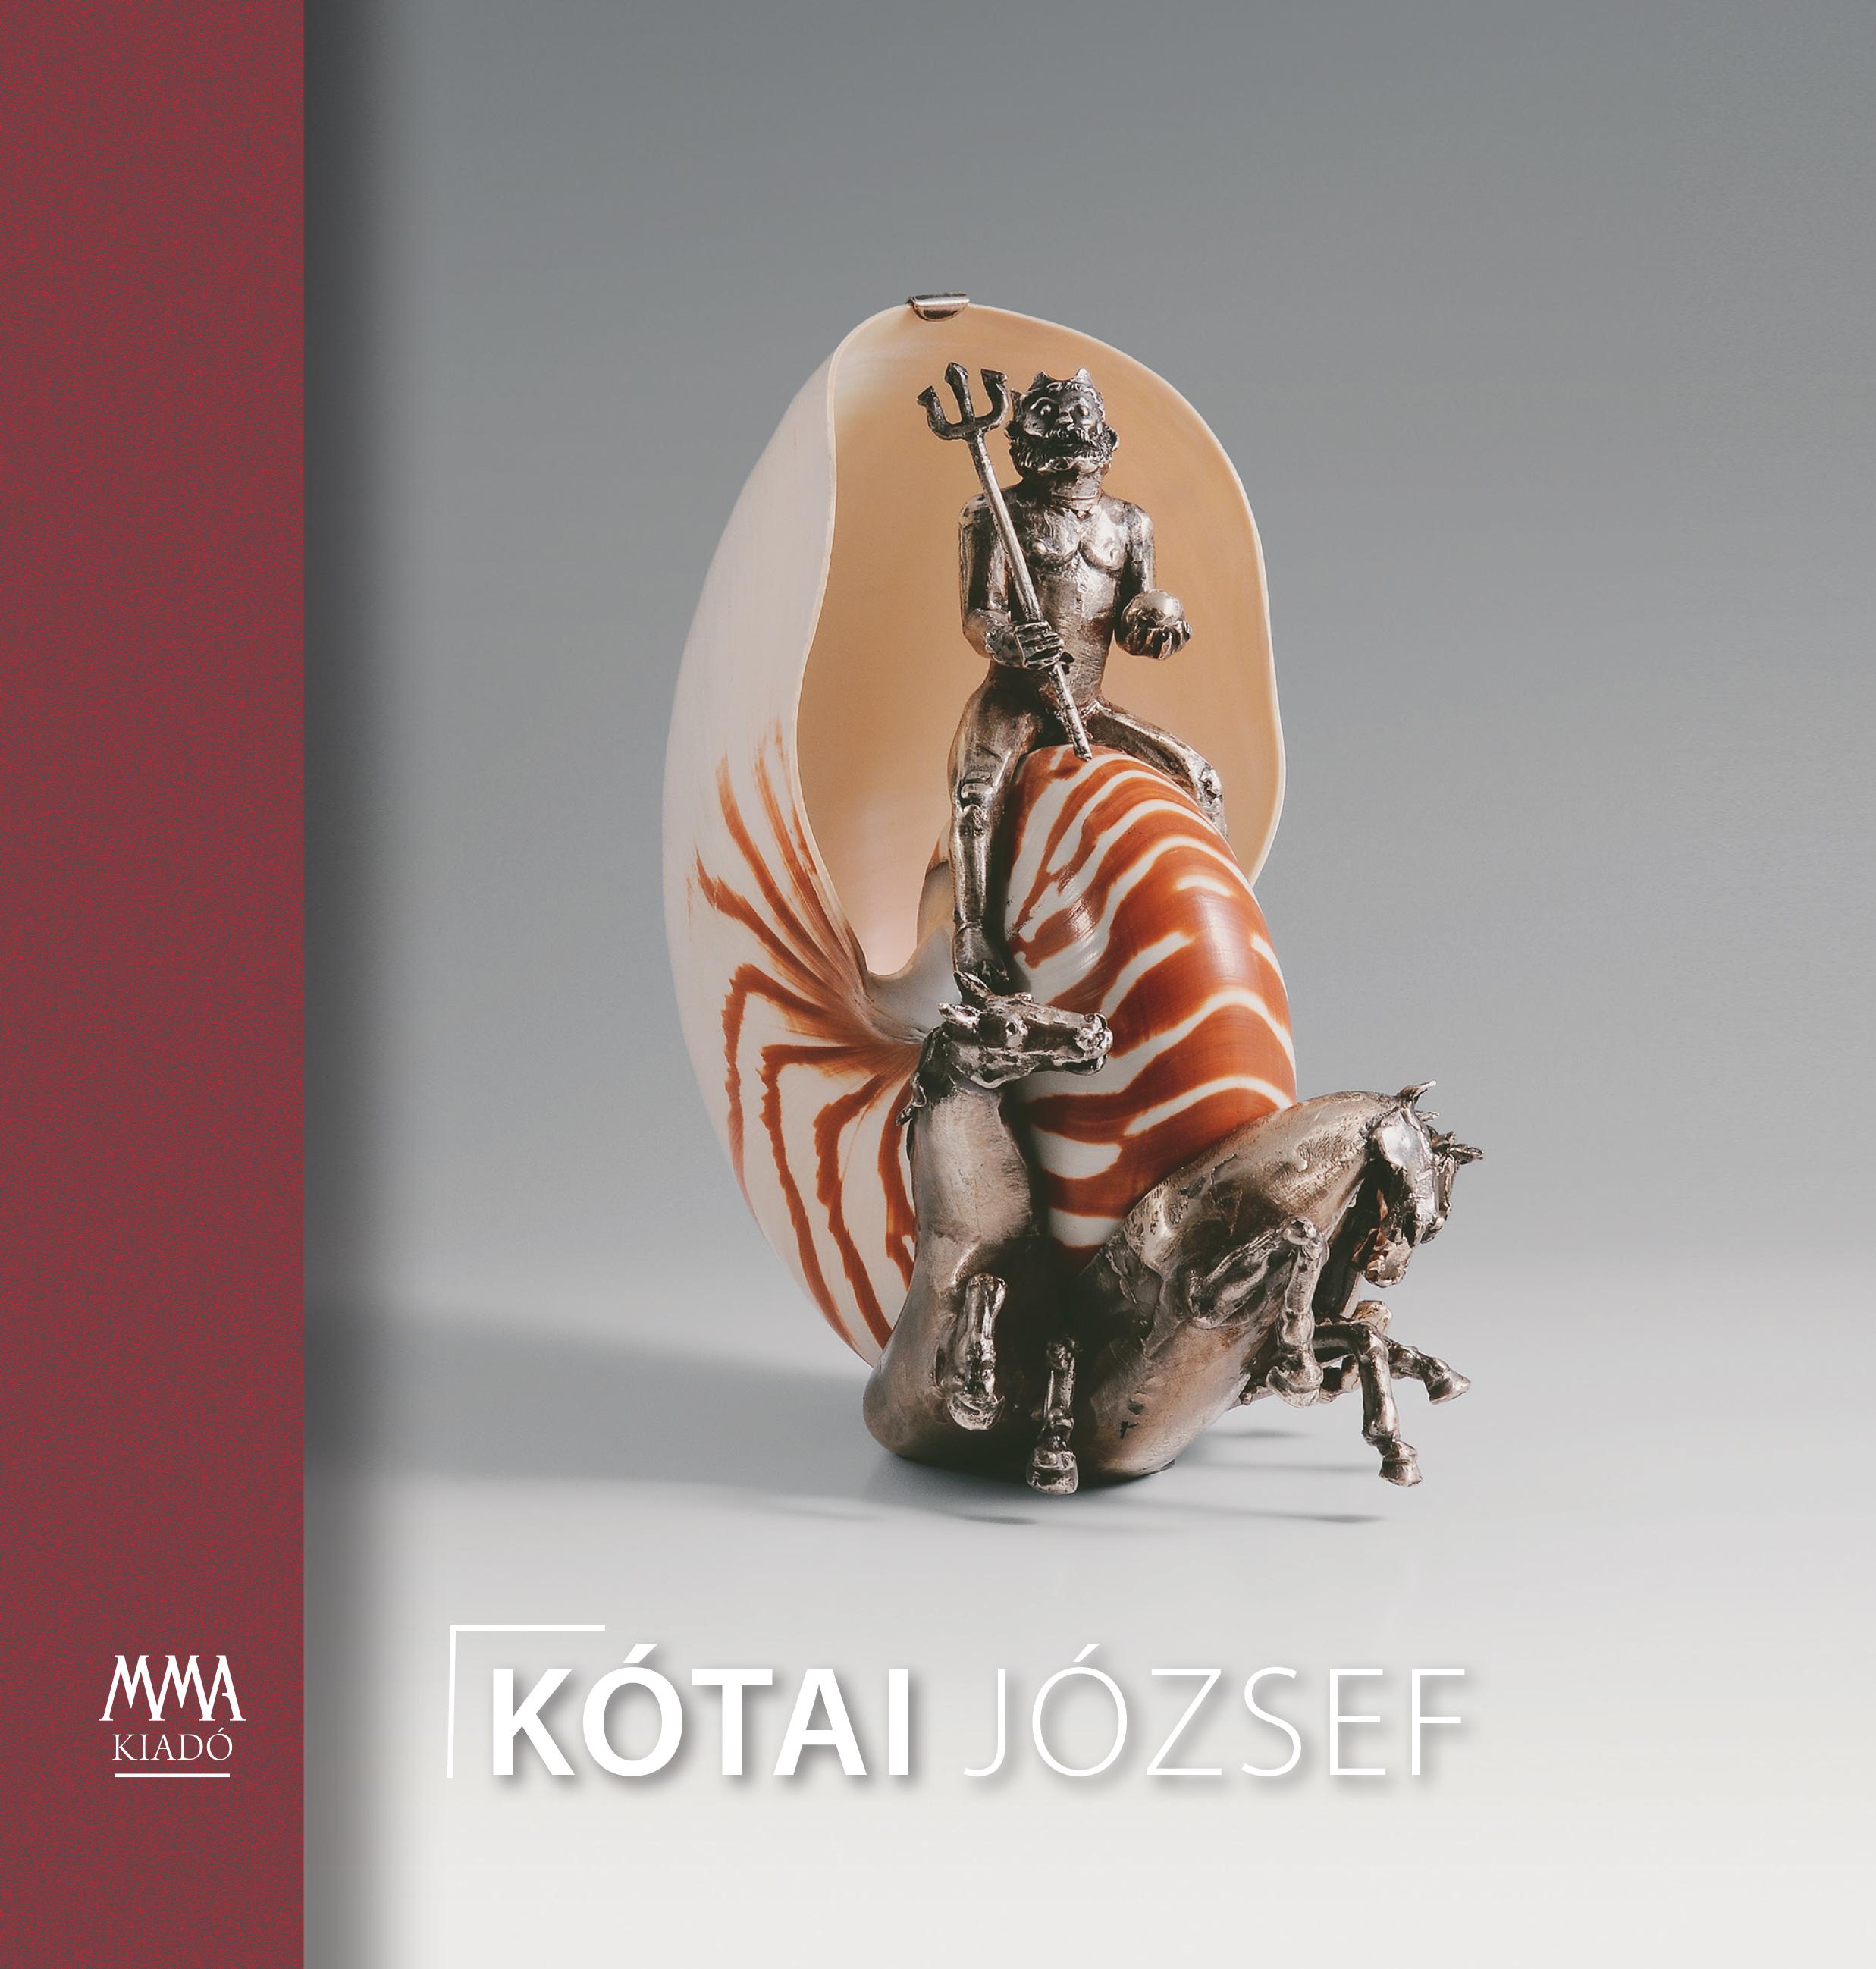 Kótai József